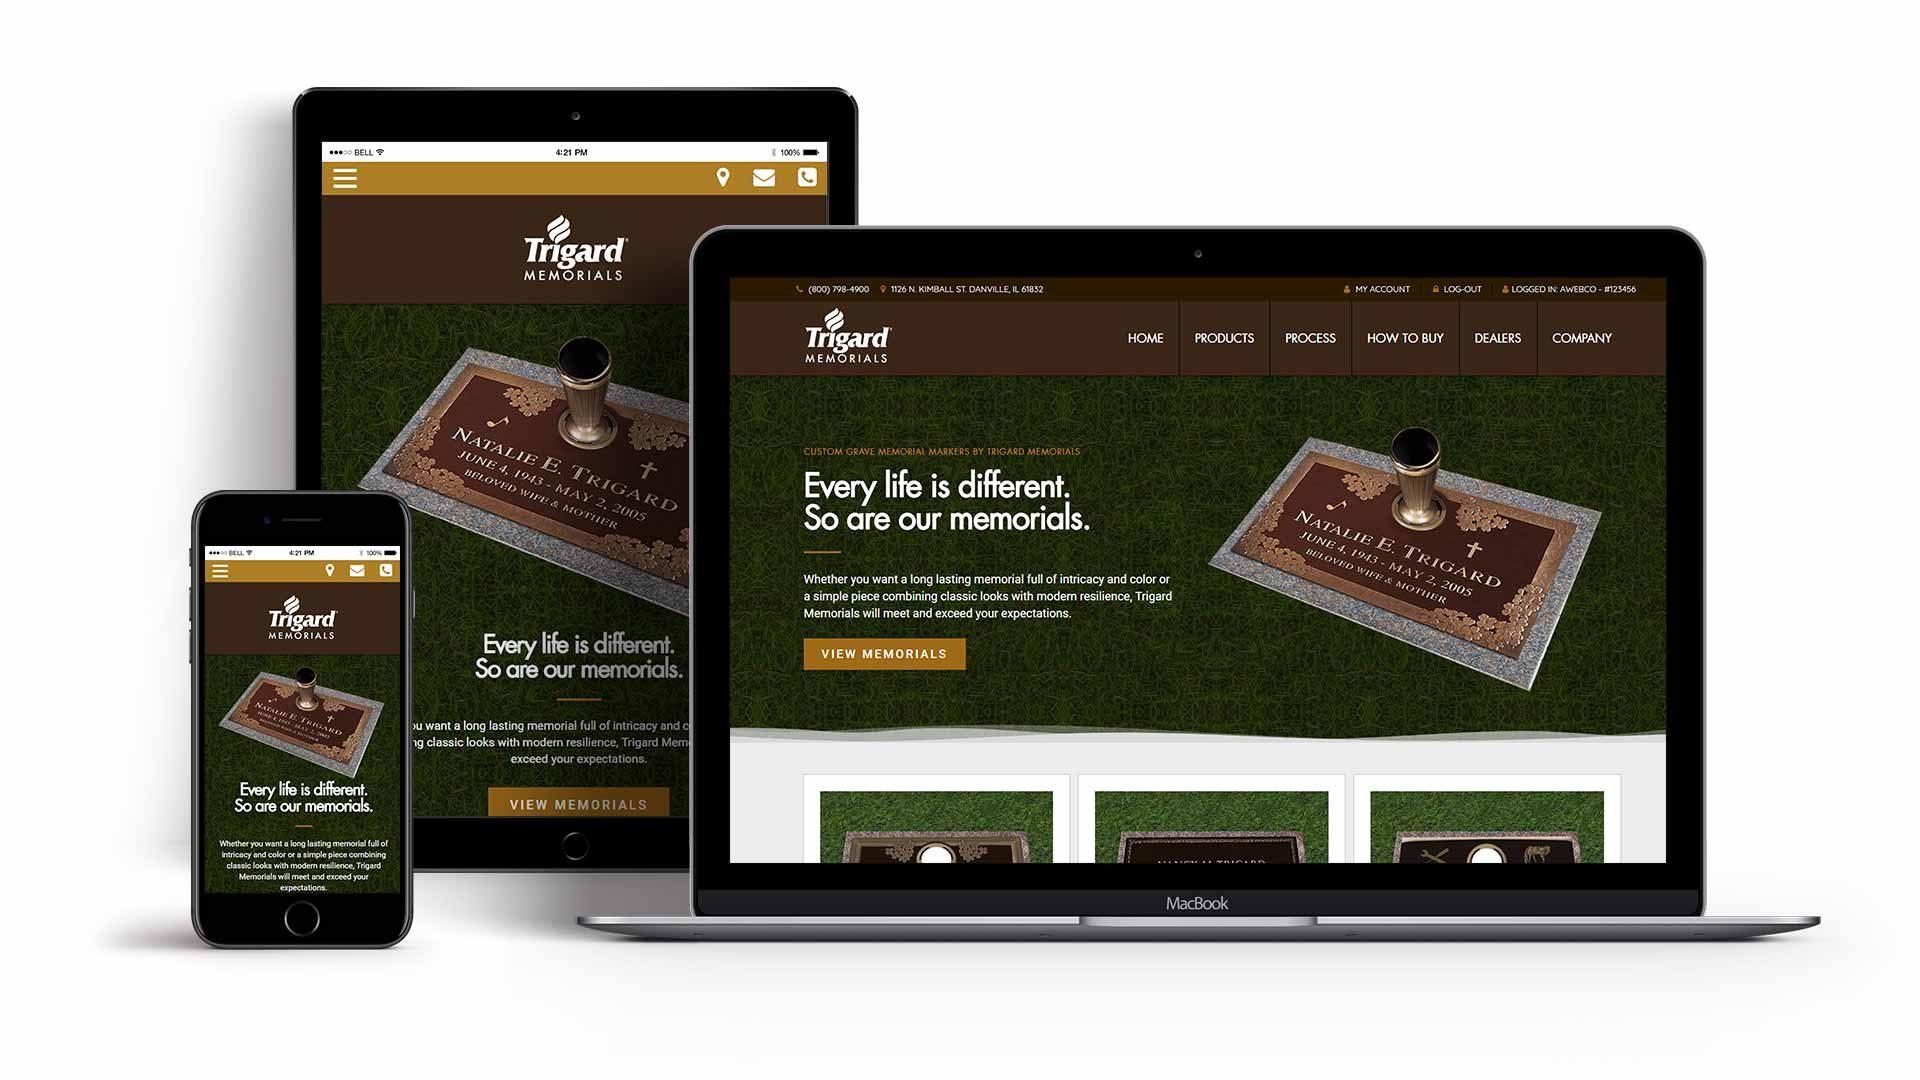 trigard-memorials-website-design